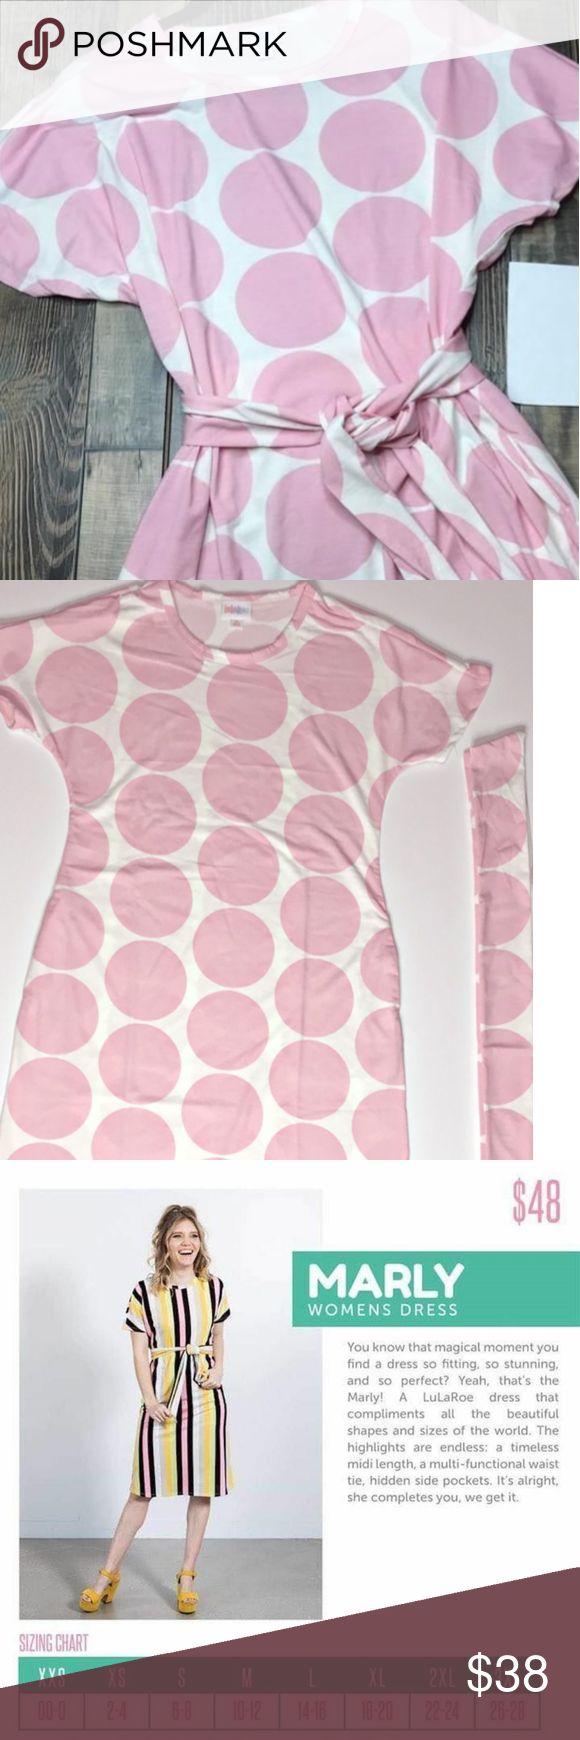 Lularoe Marly Size Chart : lularoe, marly, chart, Lularoe, Marly, Polka, Dress, Waist, White, Short, Sleeve, Scarf, Wais…, Dress,